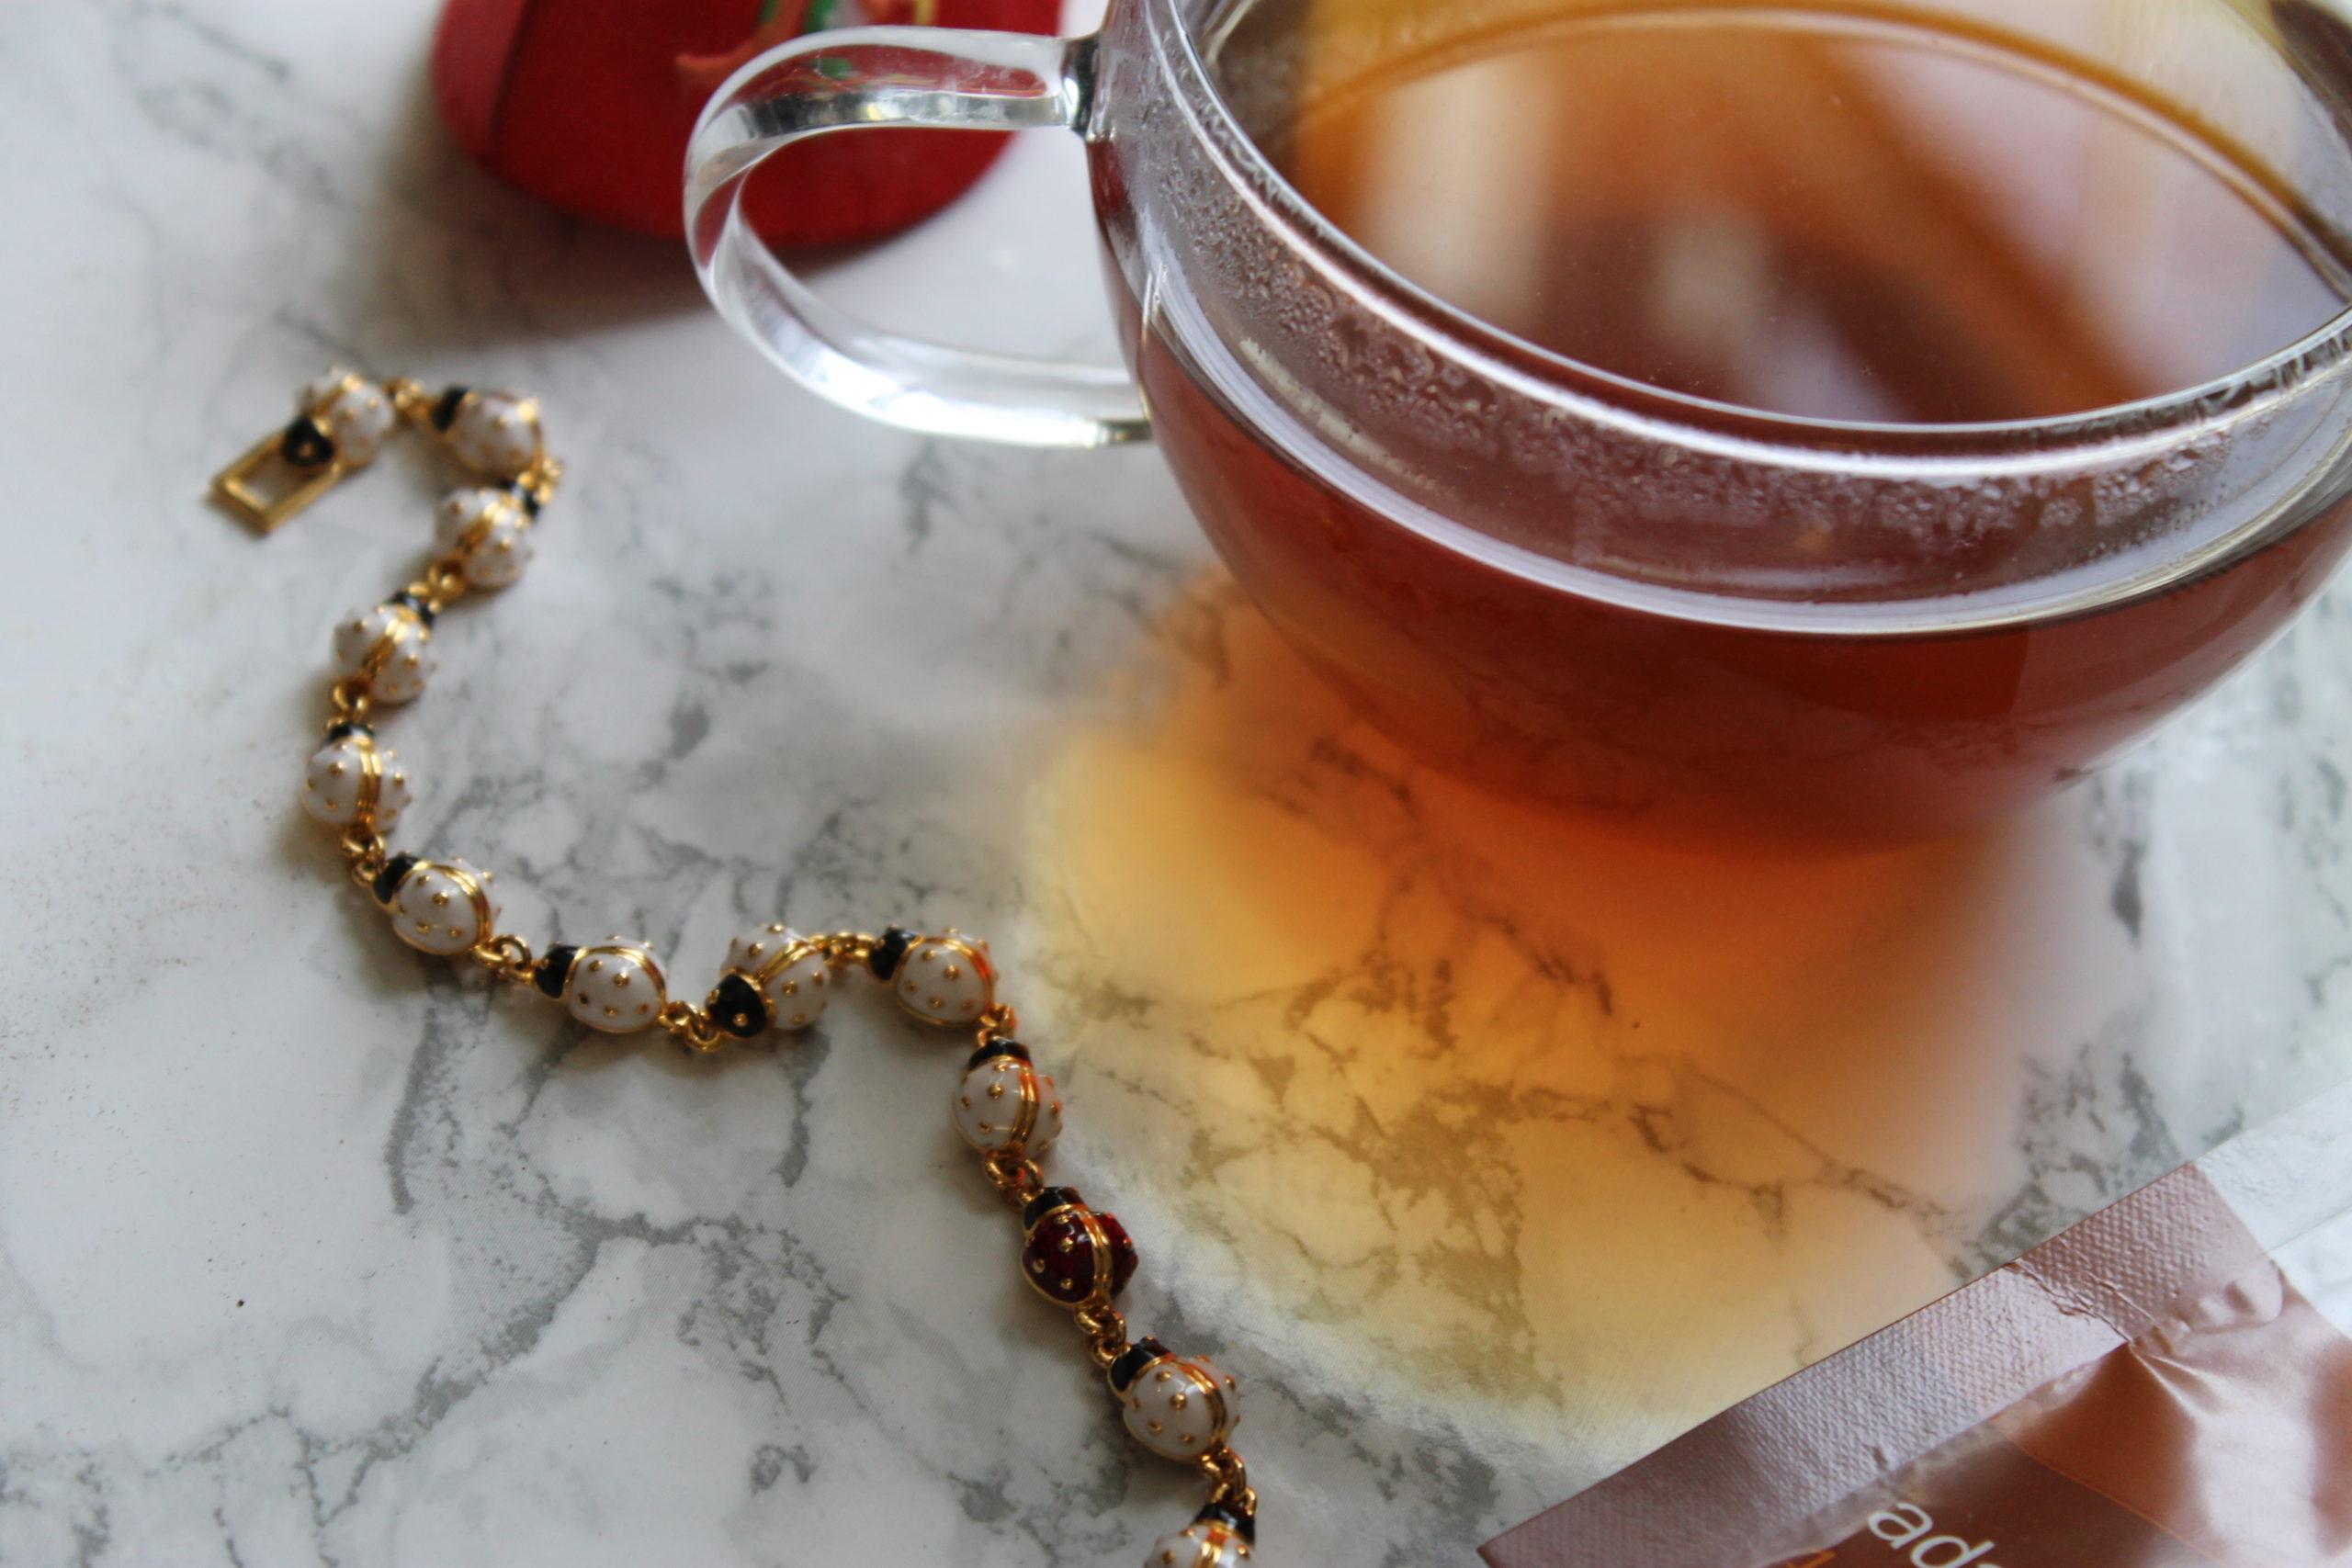 ladybug and teacup